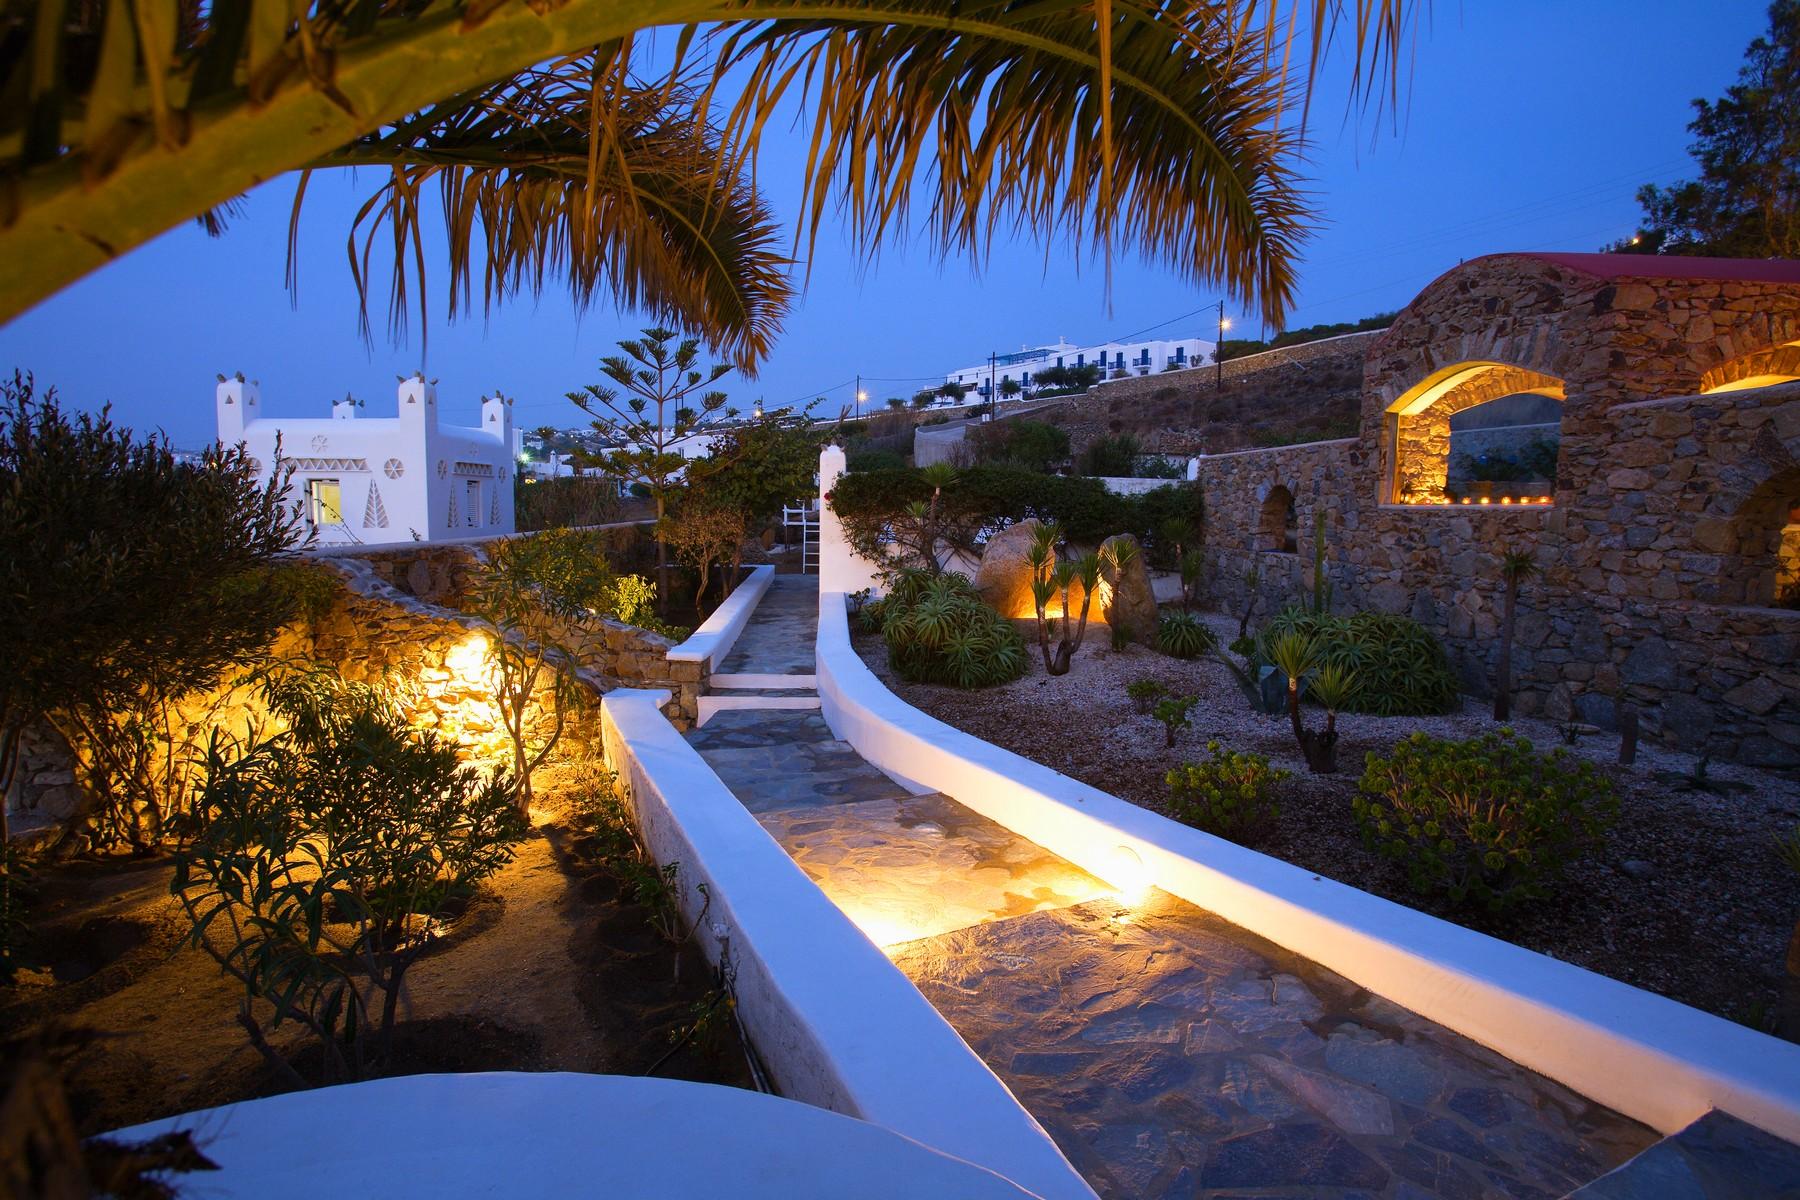 Casa Unifamiliar por un Venta en Indigo Bay Mykonos Indigo Bay Mykonos, Egeo Meridional, 84600 Grecia